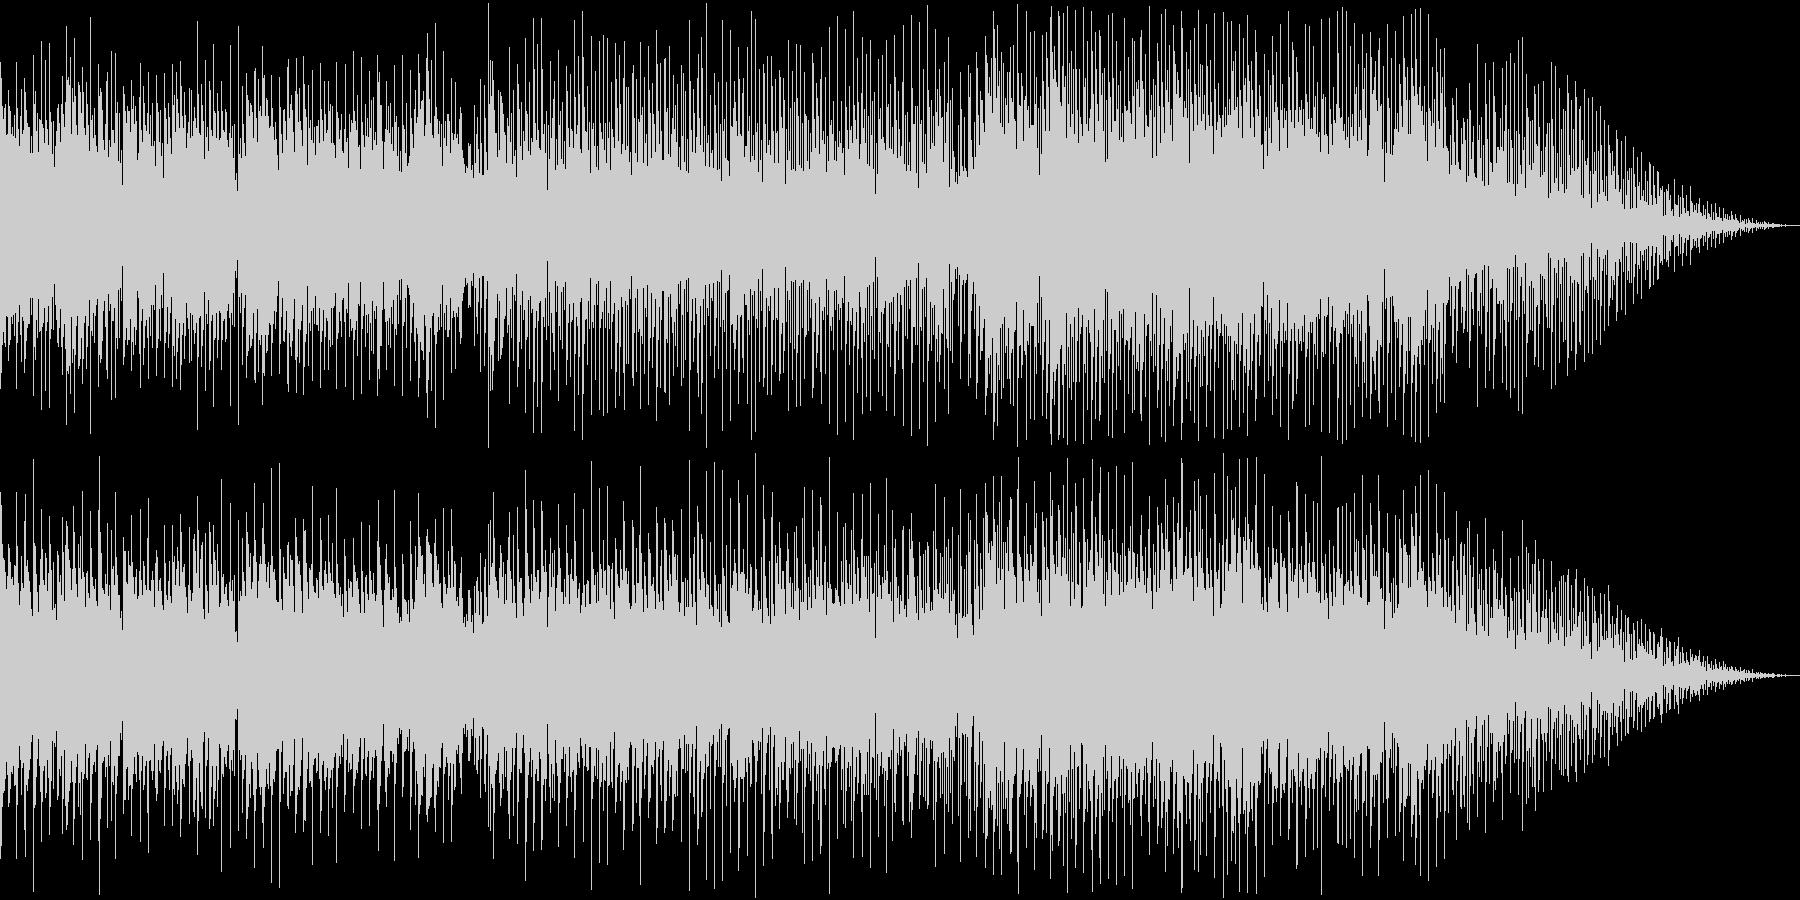 声、パーカッション、スルド、シェー...の未再生の波形